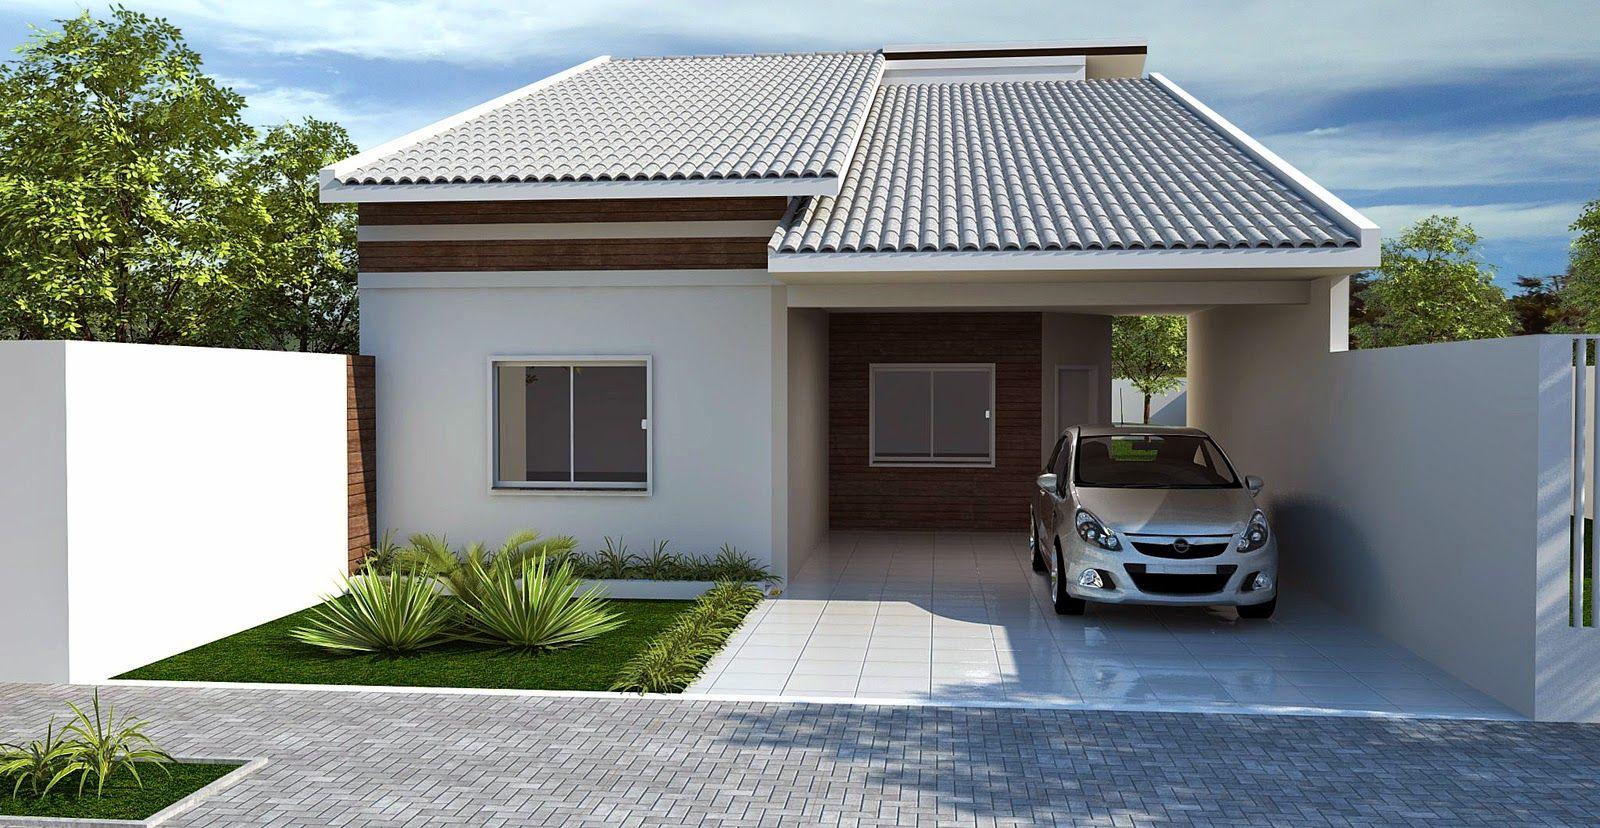 30 Fachadas de casas modernas e cinza a cor do momento! casas Pinterest Arquitetura